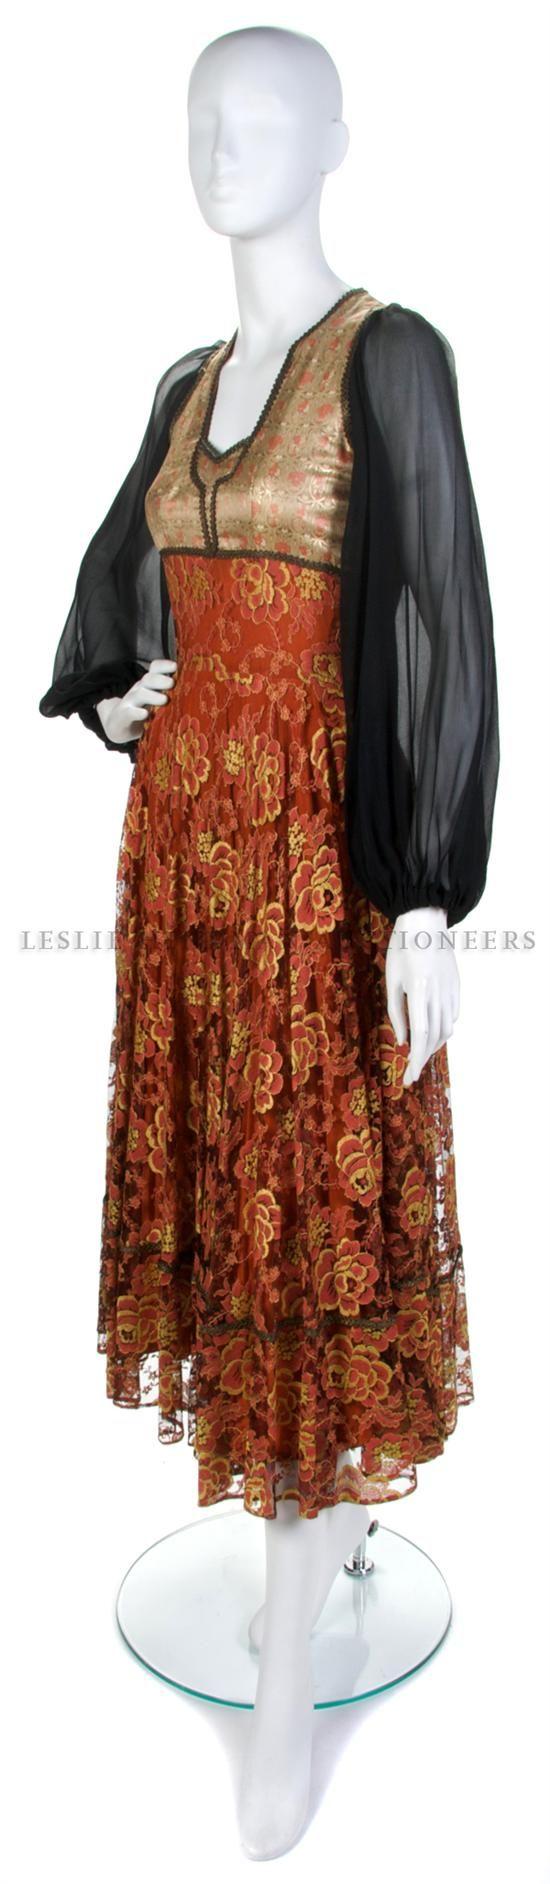 Теа Портер Цветочные Brocade и красные кружева платье, размер 10.